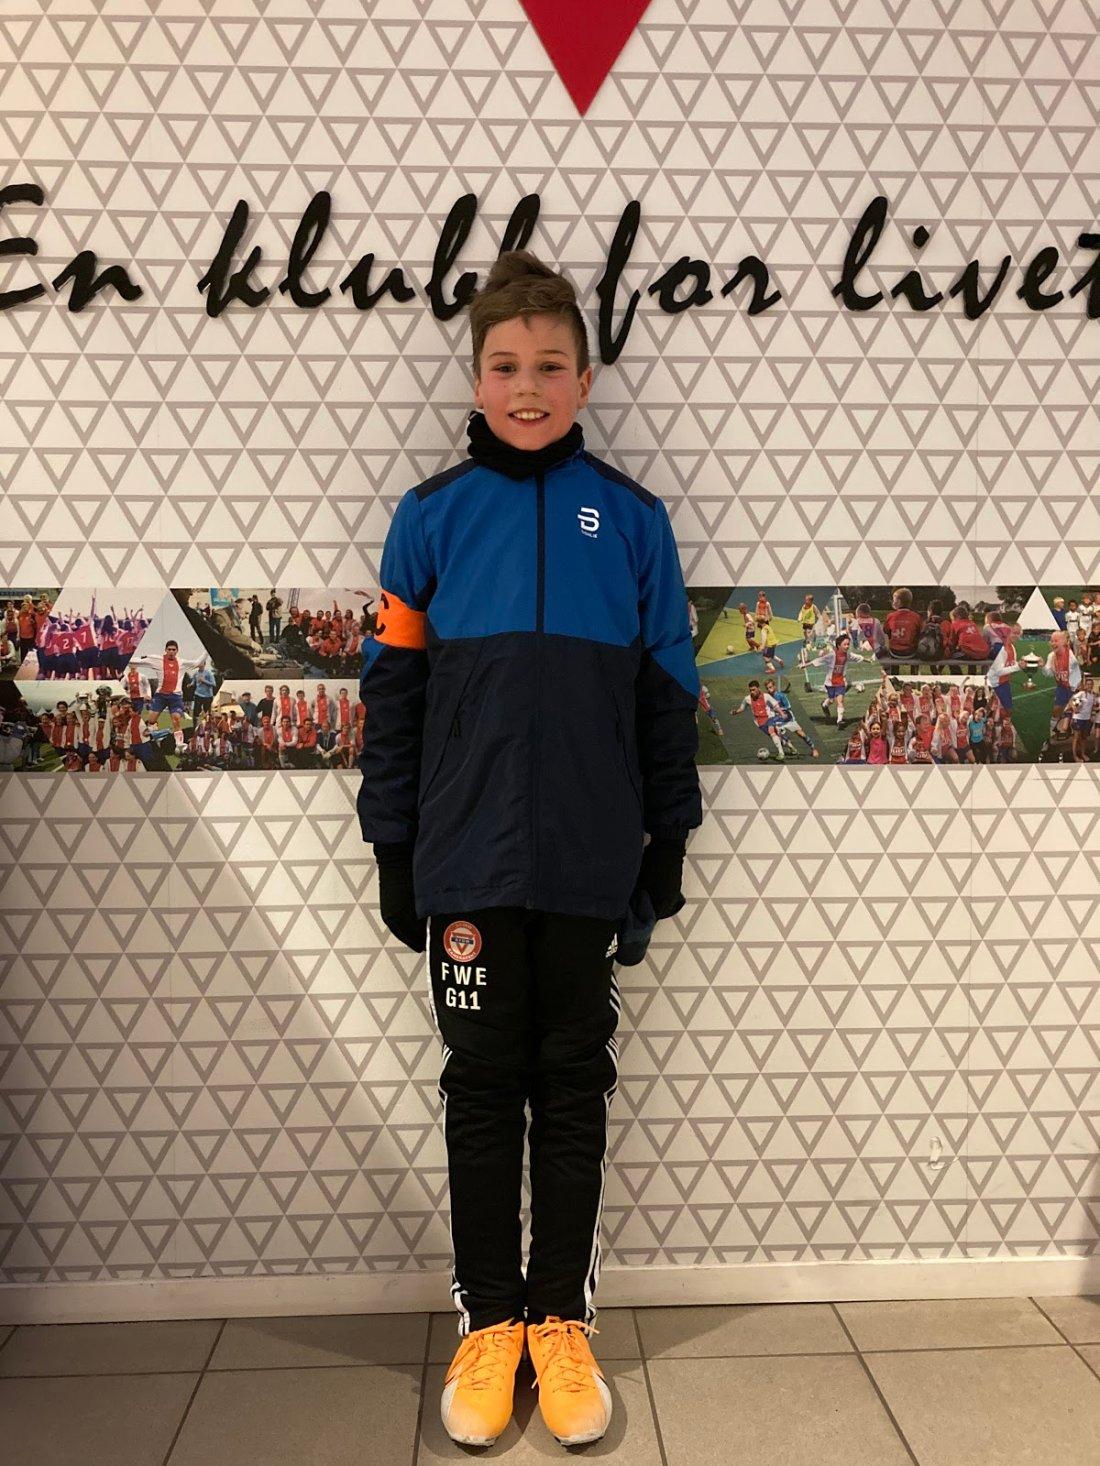 Fredrik MK